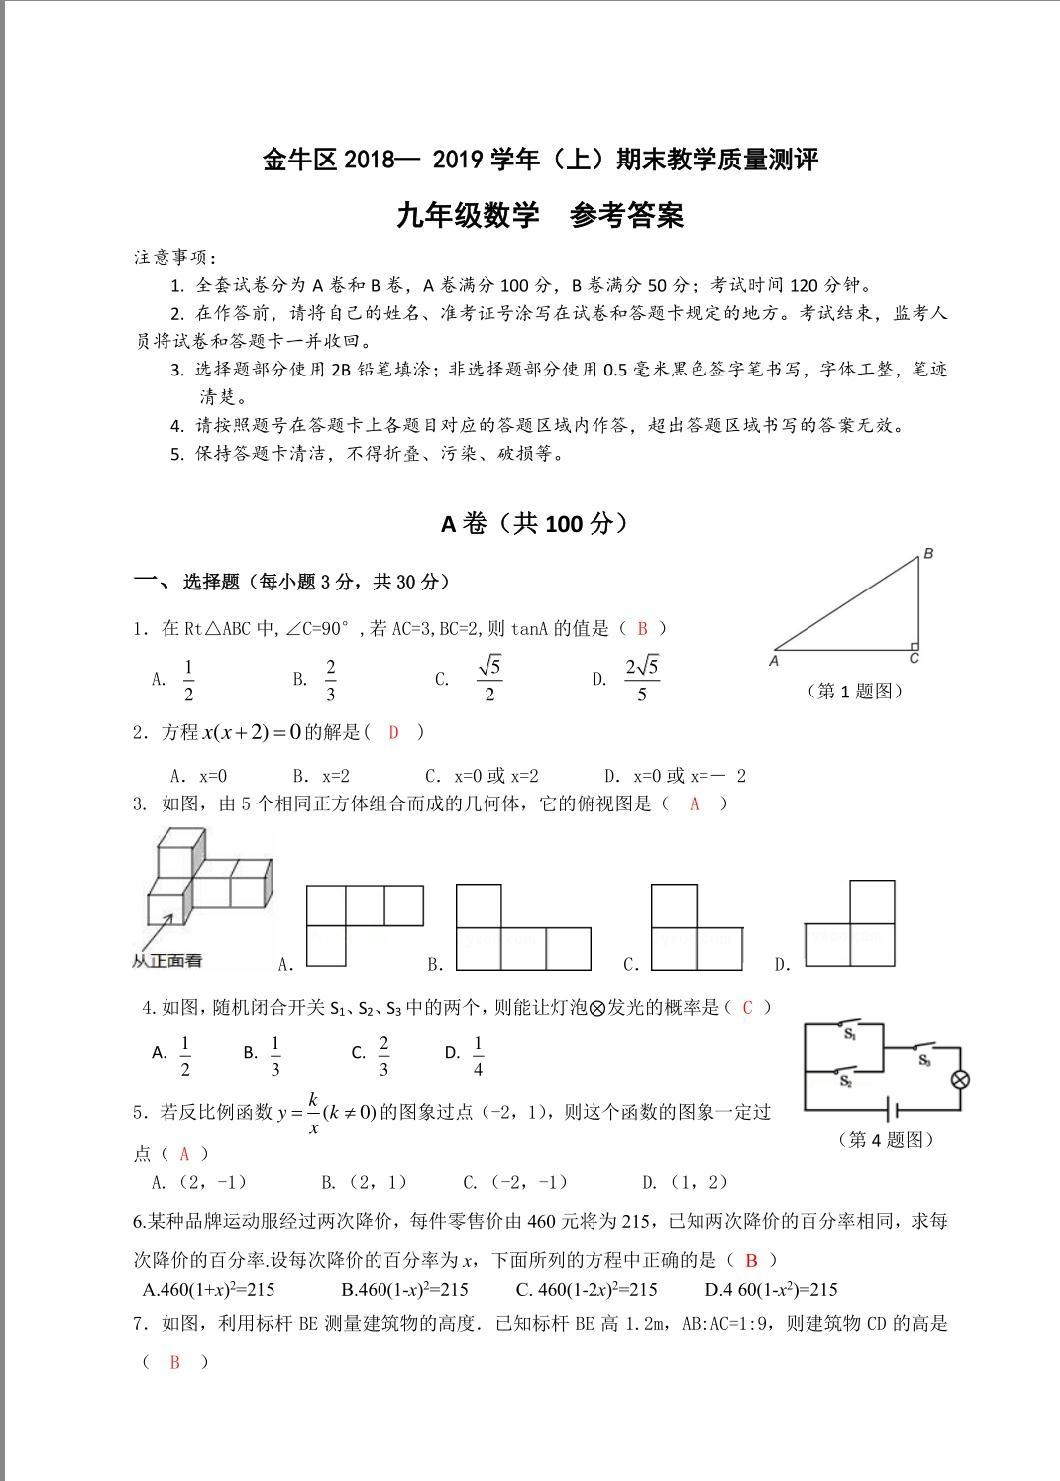 金牛区数学.jpg